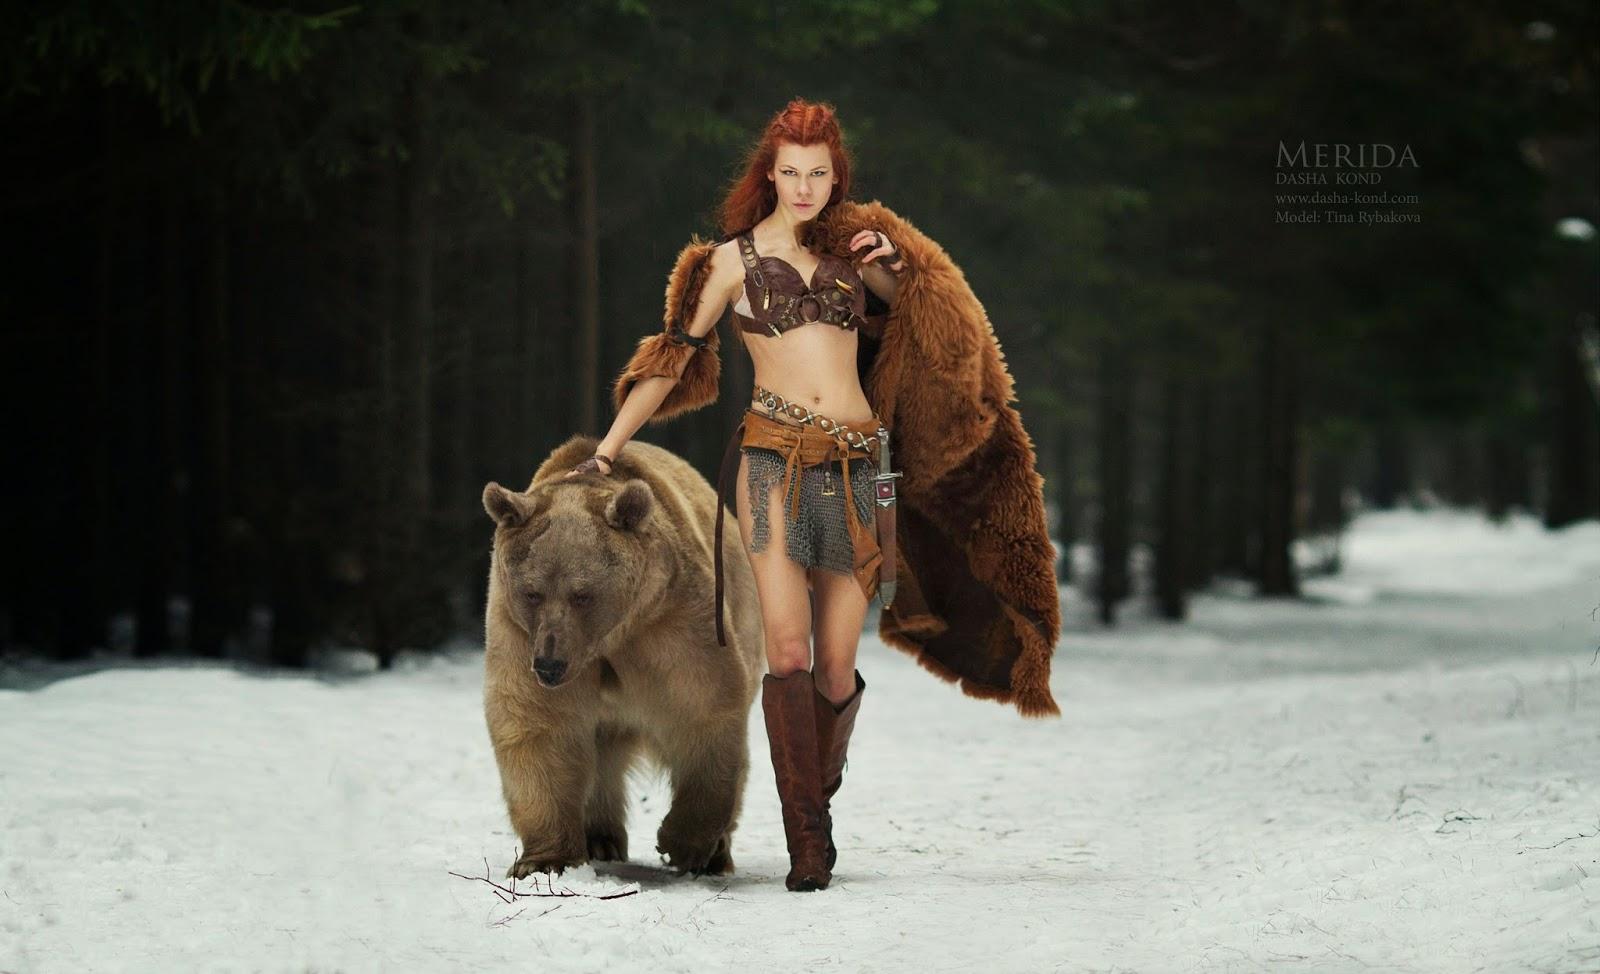 femme en costume de merida avec un ours par Dasha Kond